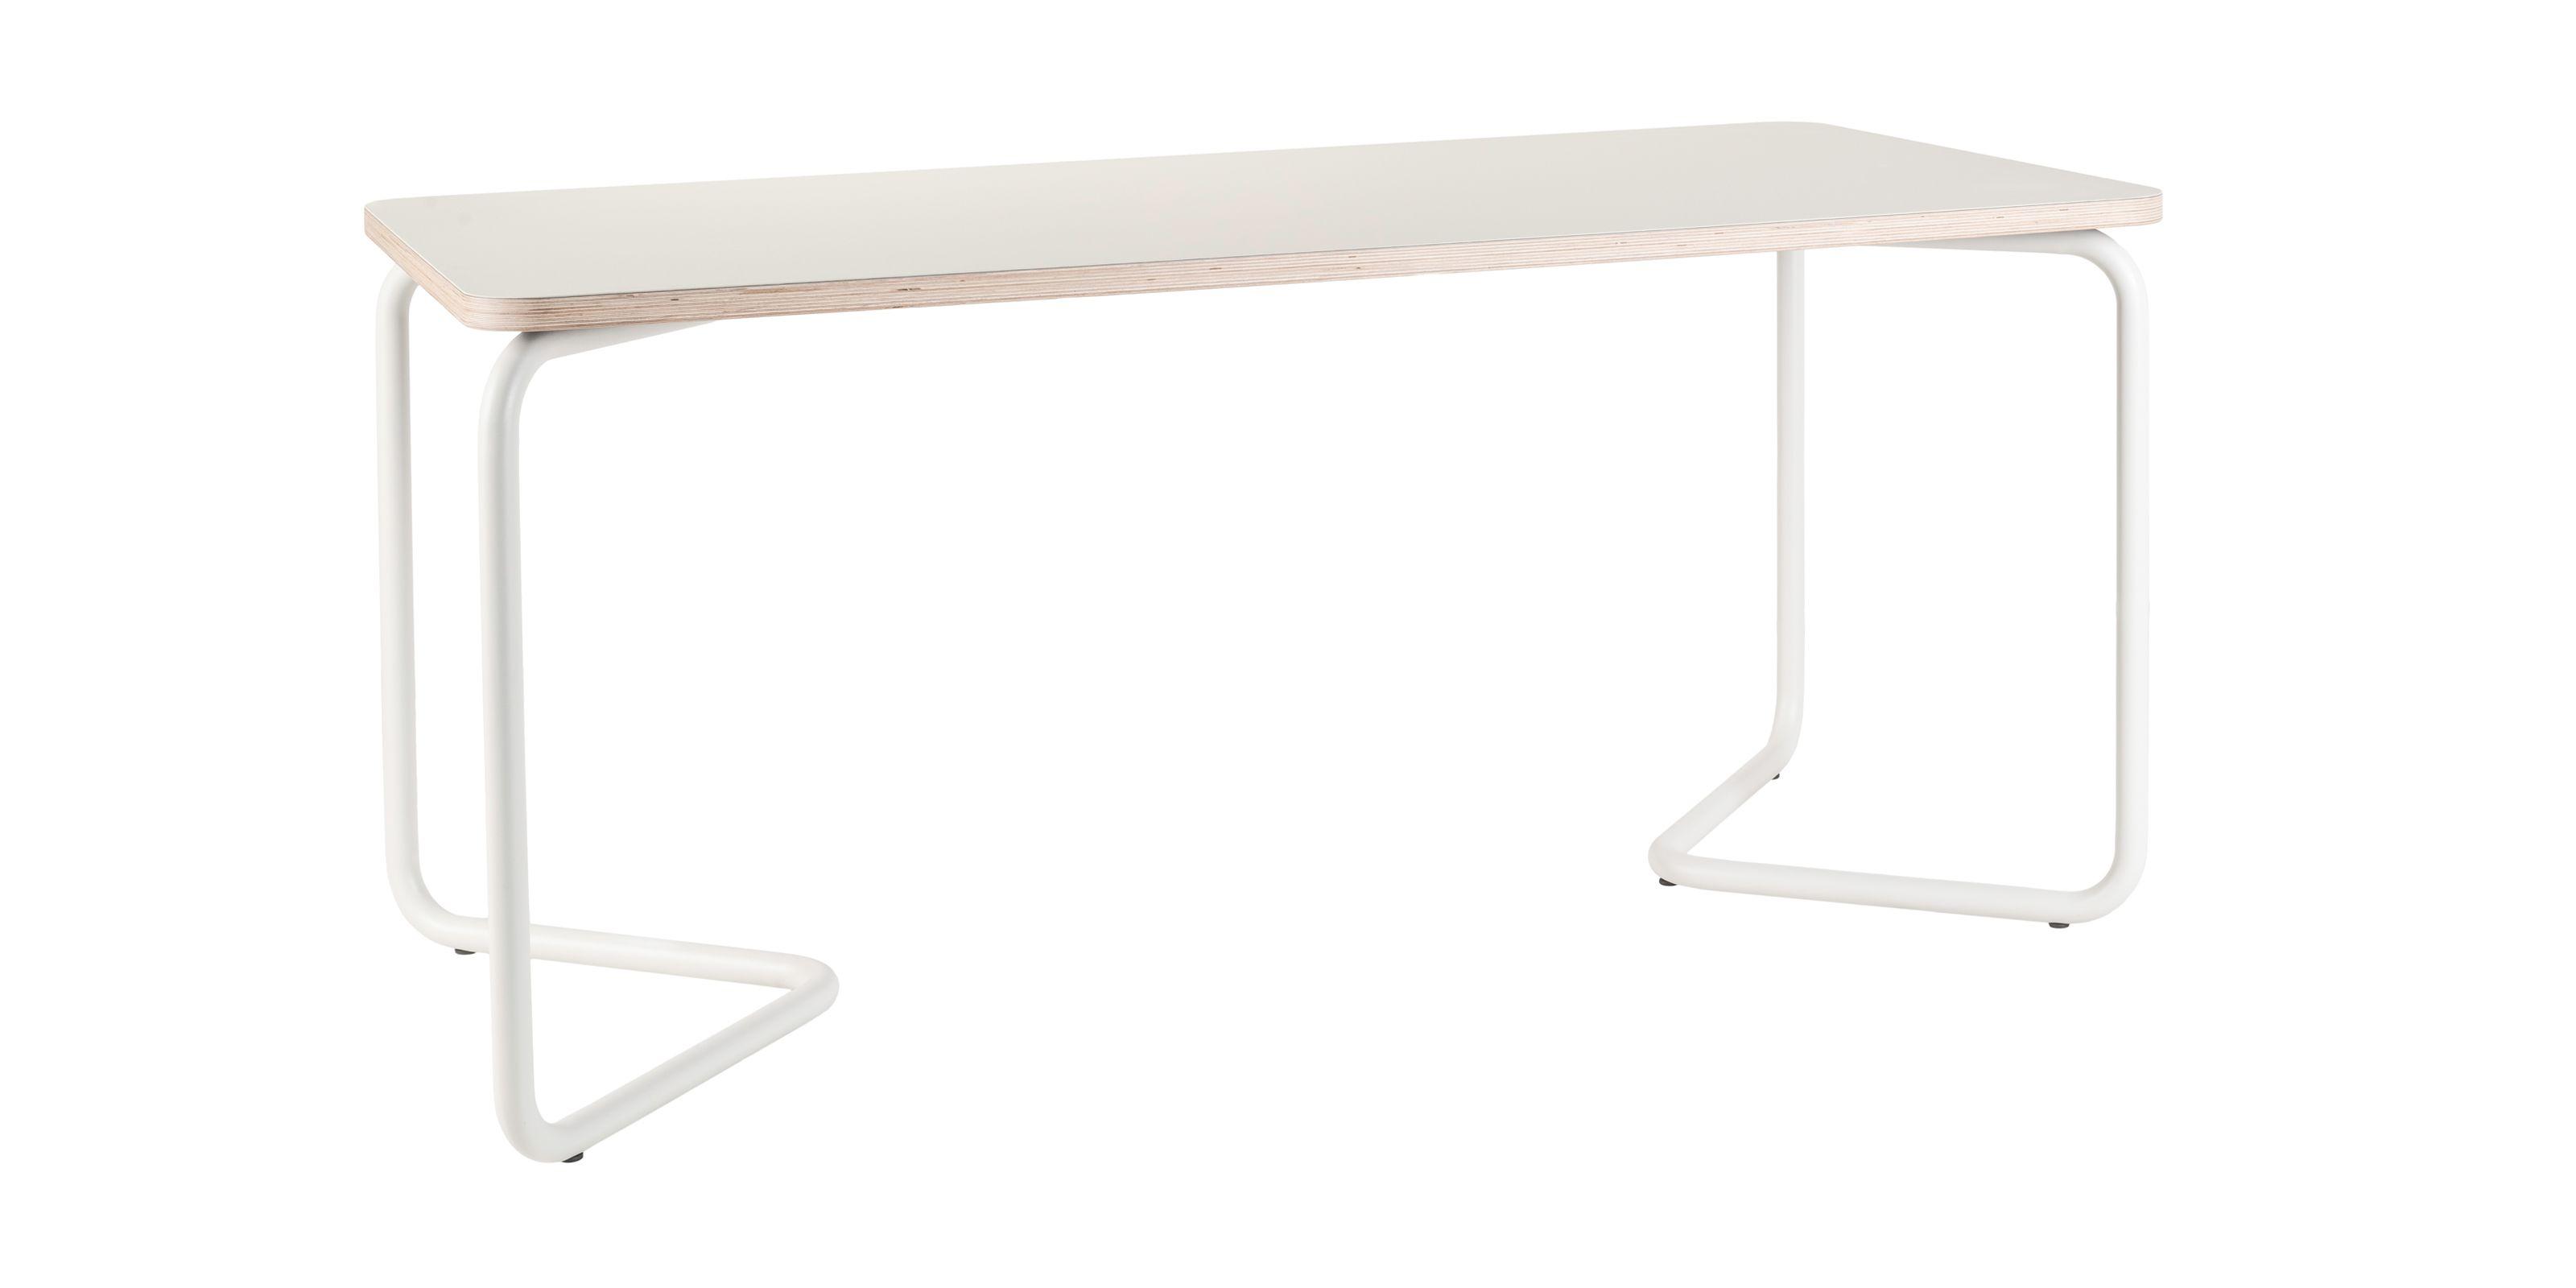 Functionals Kumpel Table White Mushroom Design Hermes Jessen